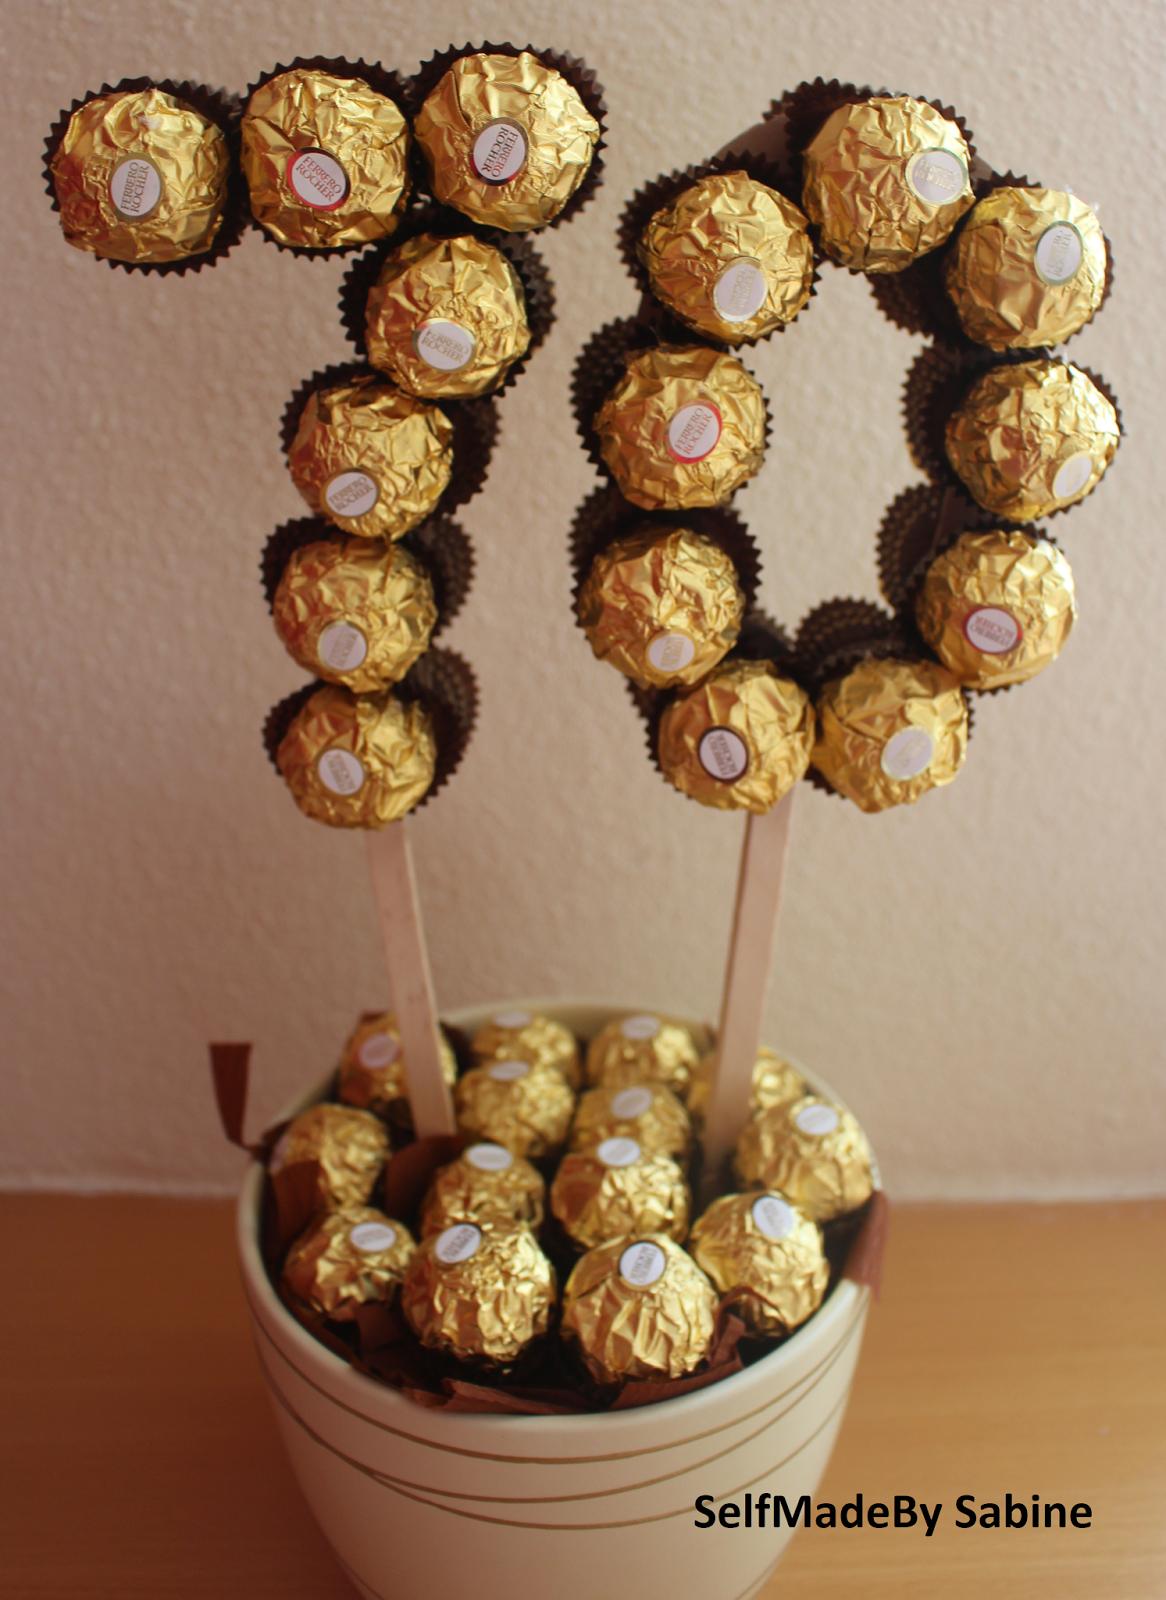 Selfmadeby Sabine: Ferrero Rocher Geburtstagsüberraschung bei Geburtstagsüberraschung Zum 30